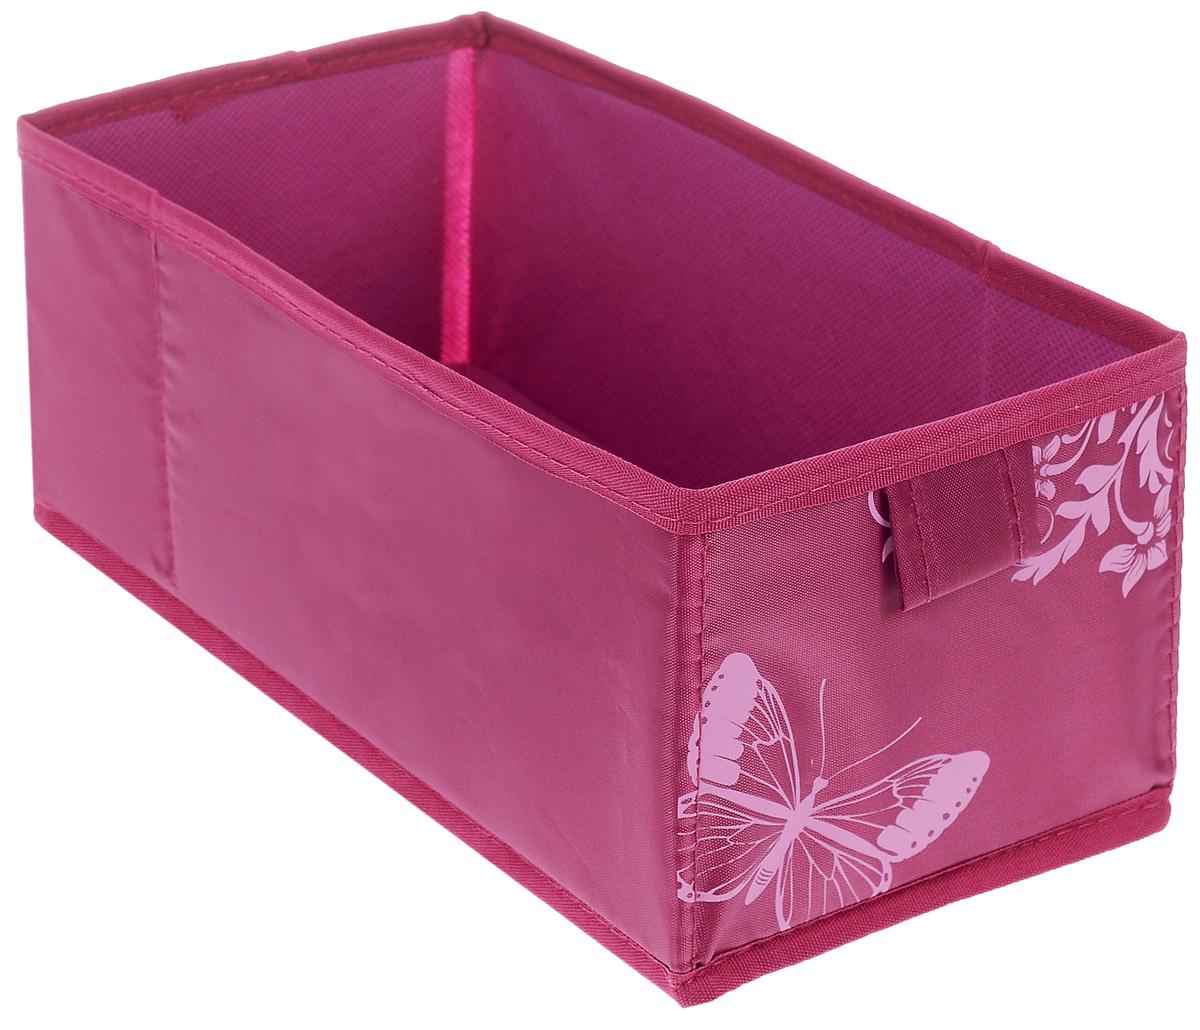 Коробка для хранения Hausmann Butterfly, цвет: фуксия, 13 х 27 х 12,5 см4P-107-4С_фуксияКоробка для хранения Hausmann поможет легко организовать пространство в шкафу или в гардеробе. Изделие выполнено из нетканого материала и полиэстера. Коробка держит форму благодаря жесткой вставке из картона, которая устанавливается на дно. Боковая поверхность оформлена красивым принтом и изображением бабочки. В такой коробке удобно хранить нижнее белье, ремни и различные аксессуары.